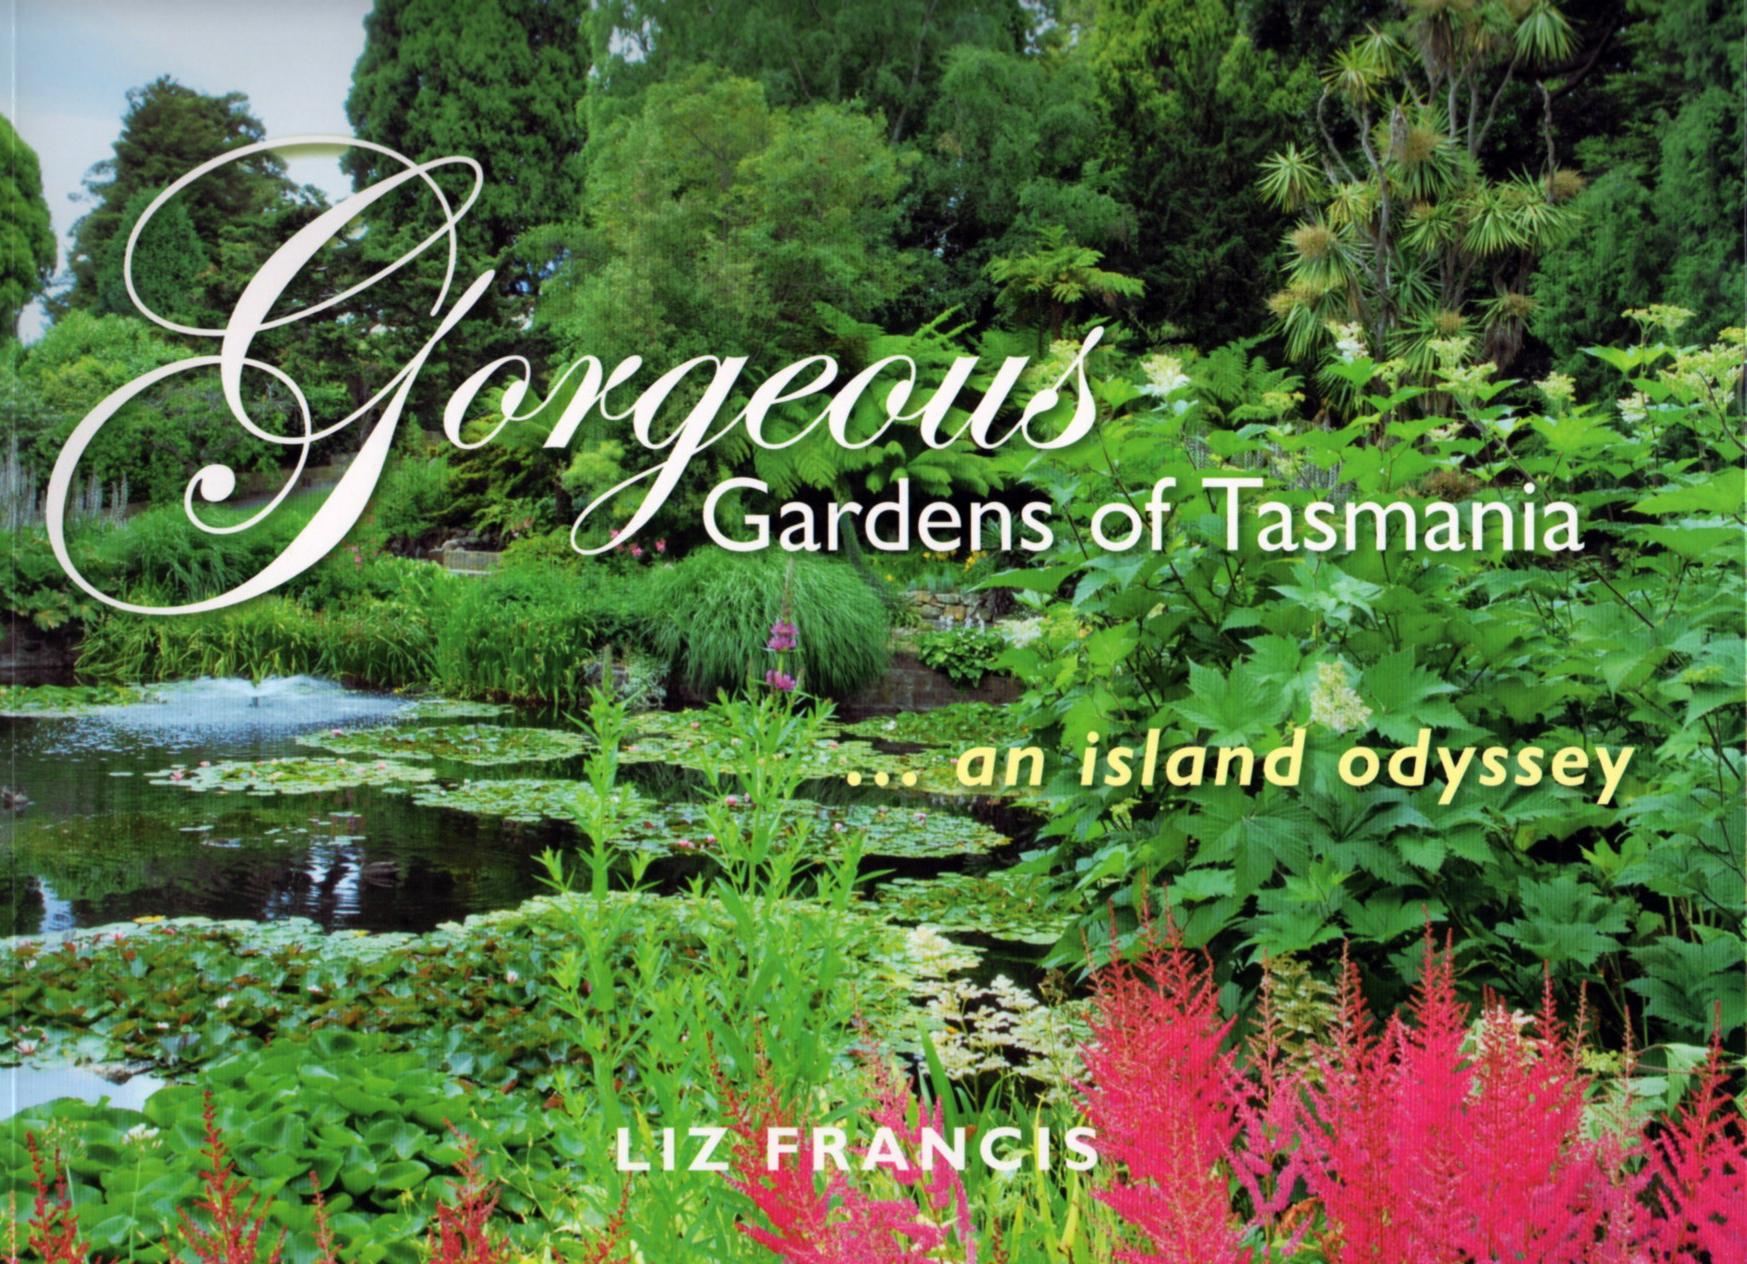 Gorgeous Gardens of Tasmania ...an island odyssey